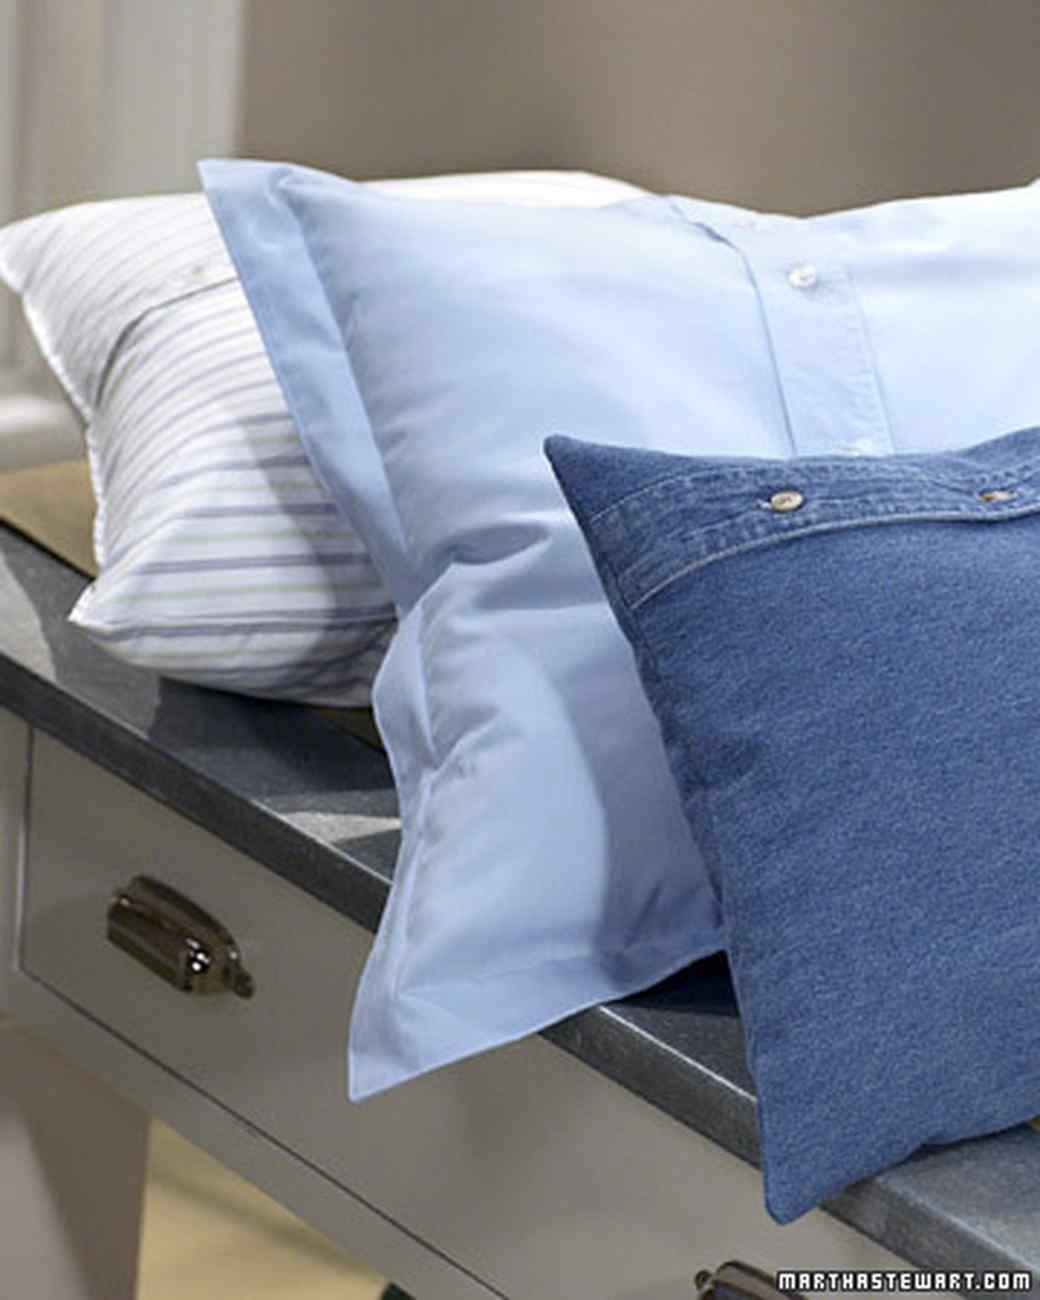 & Blue Shirt Pillow | Martha Stewart pillowsntoast.com